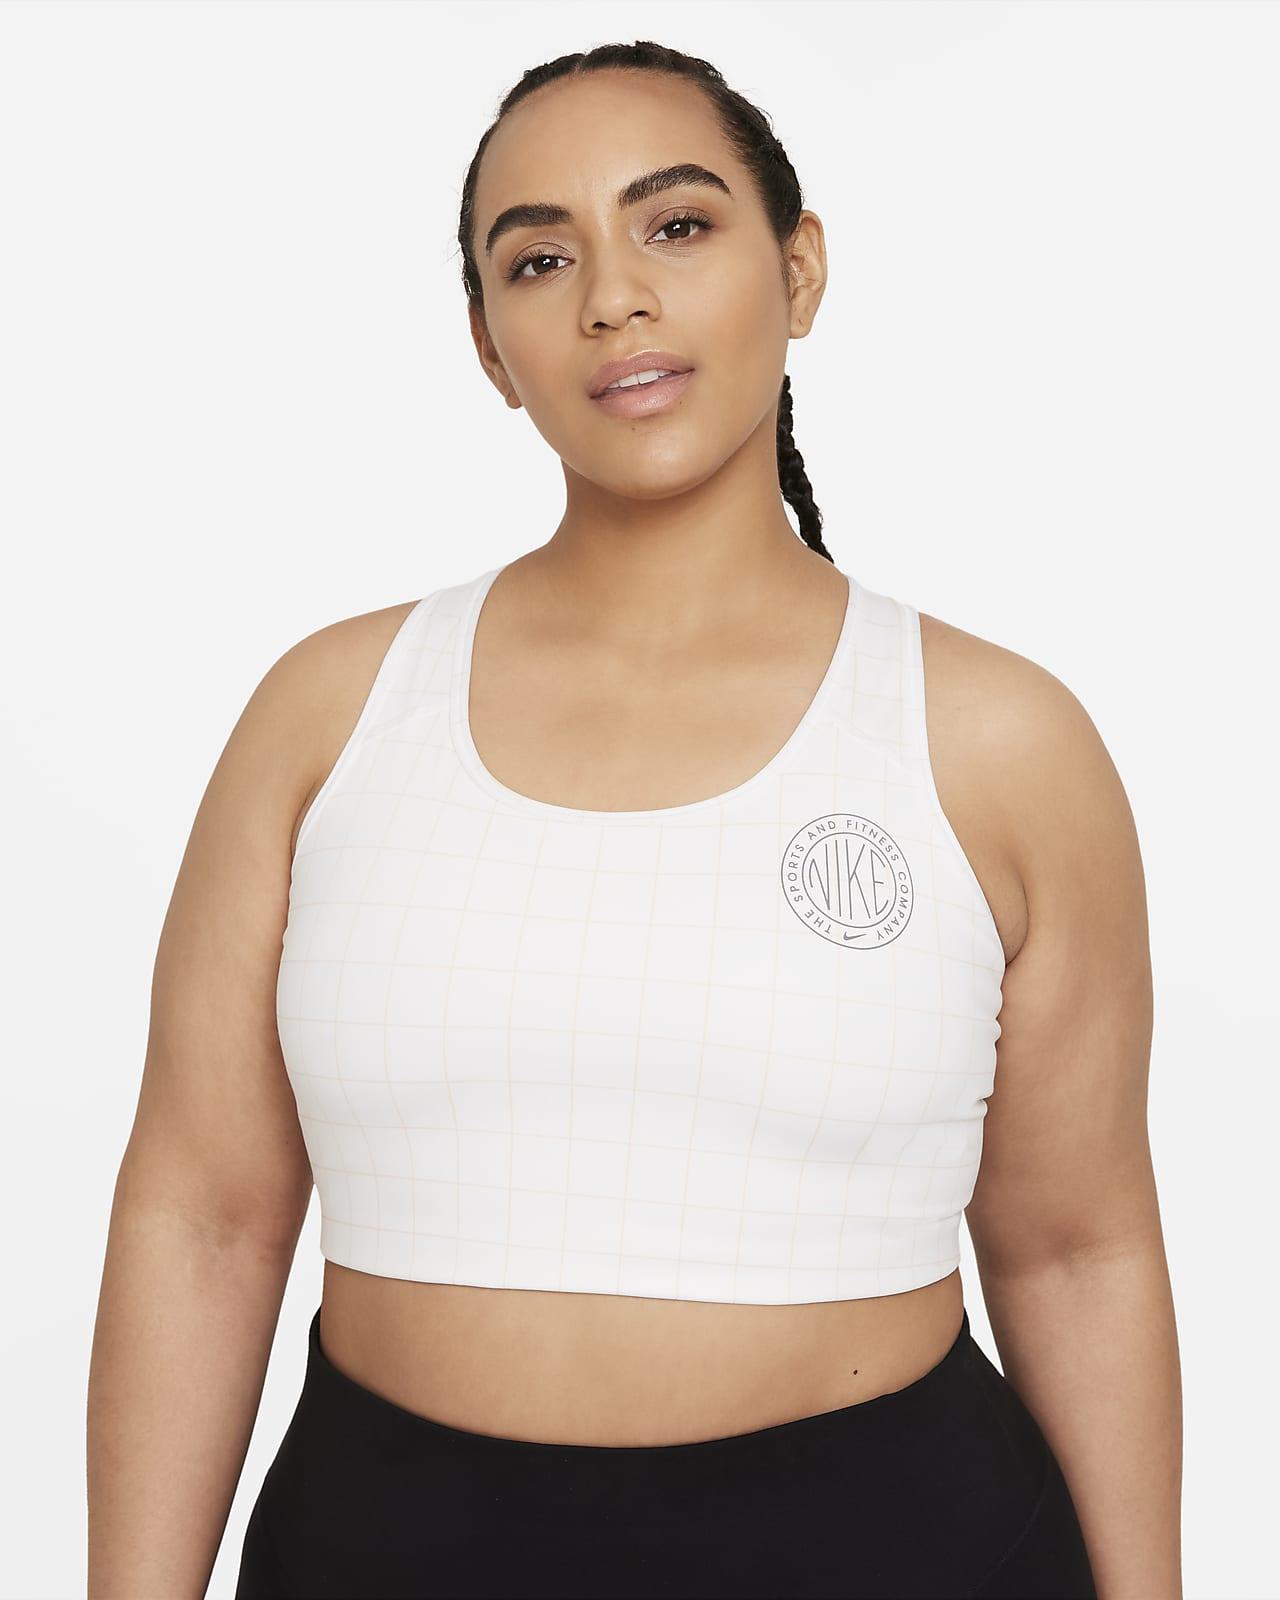 Bra deportivo estampado sin almohadilla de sujeción media talla grande para mujer Nike Dri-FIT Swoosh Femme